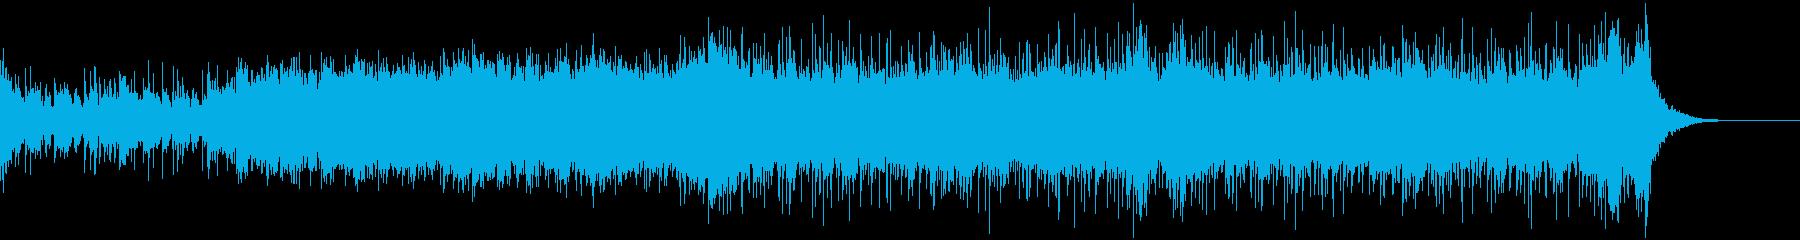 緊迫感のあるシネマティックなBGMの再生済みの波形